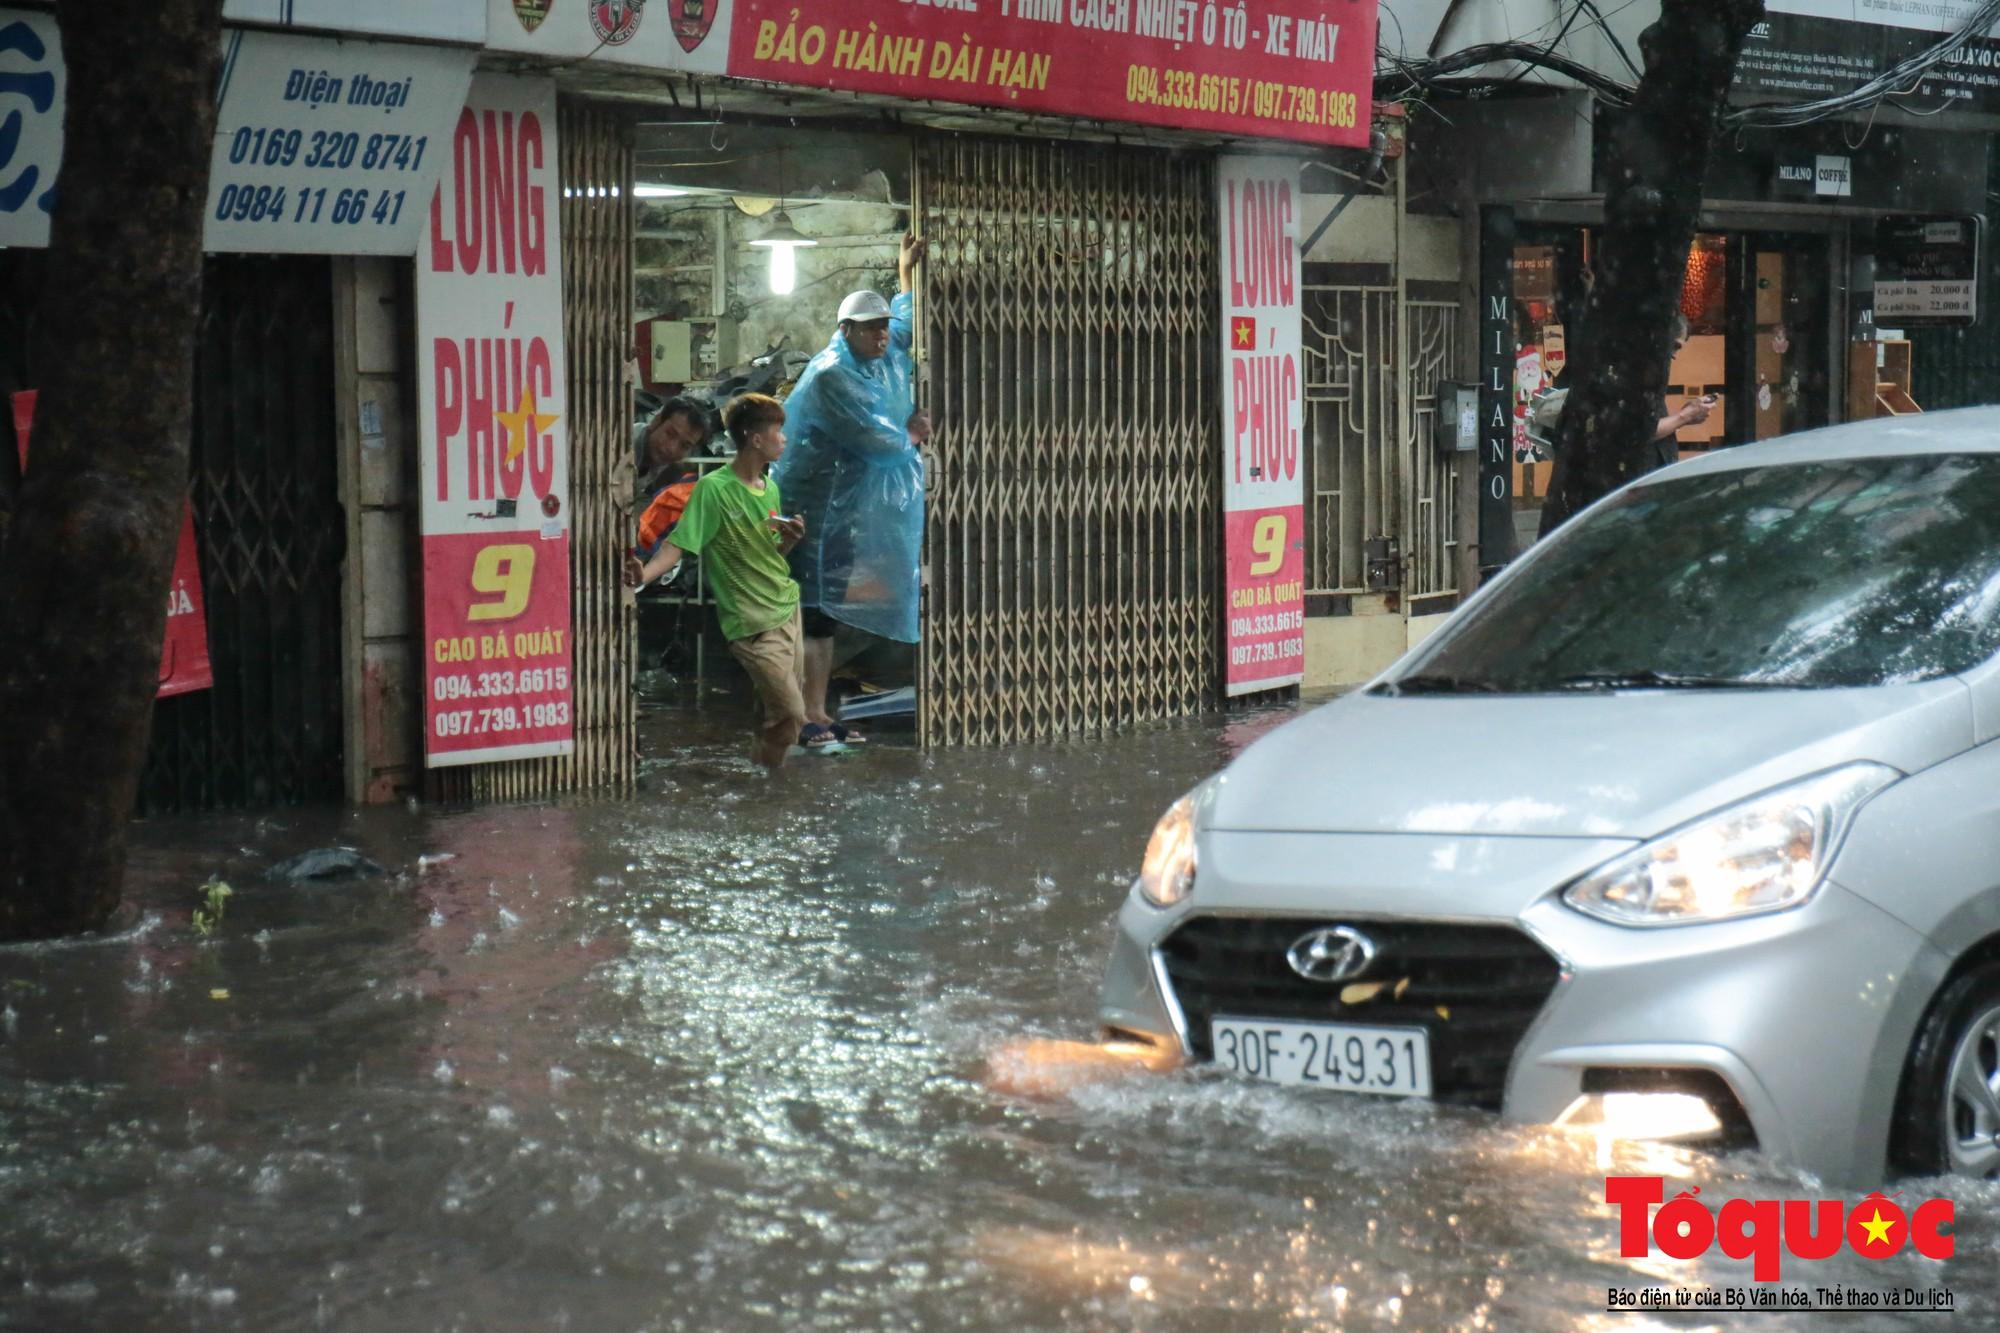 Hà Nội mưa lớn, xế hộp tập bơi qua tuyến phố ngâp nước (13)